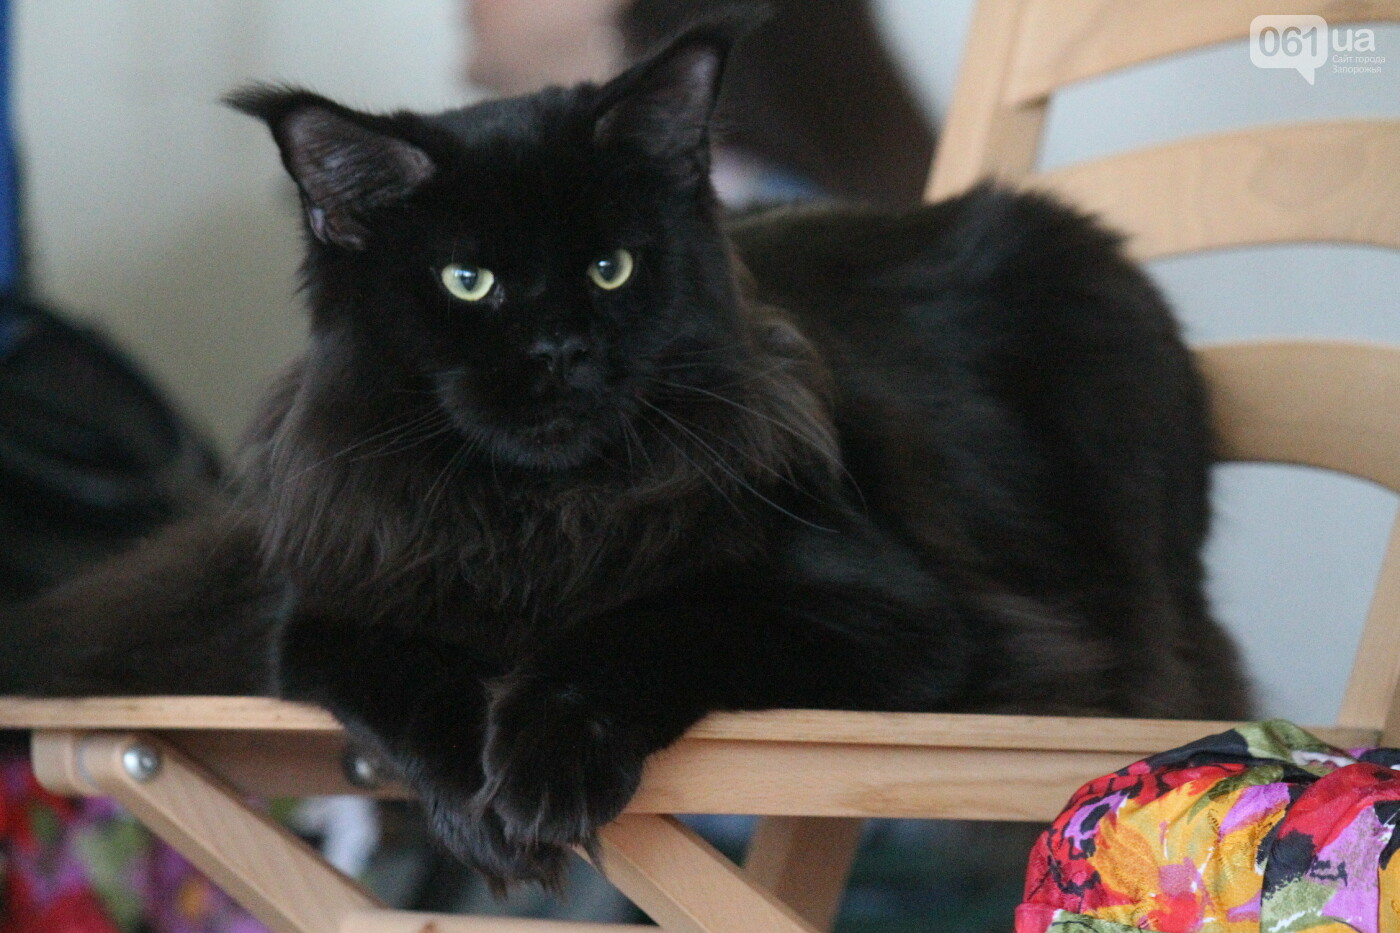 В Запорожье на выставке кошек показали 130 питомцев со всей Украины, – ФОТОРЕПОРТАЖ, фото-35